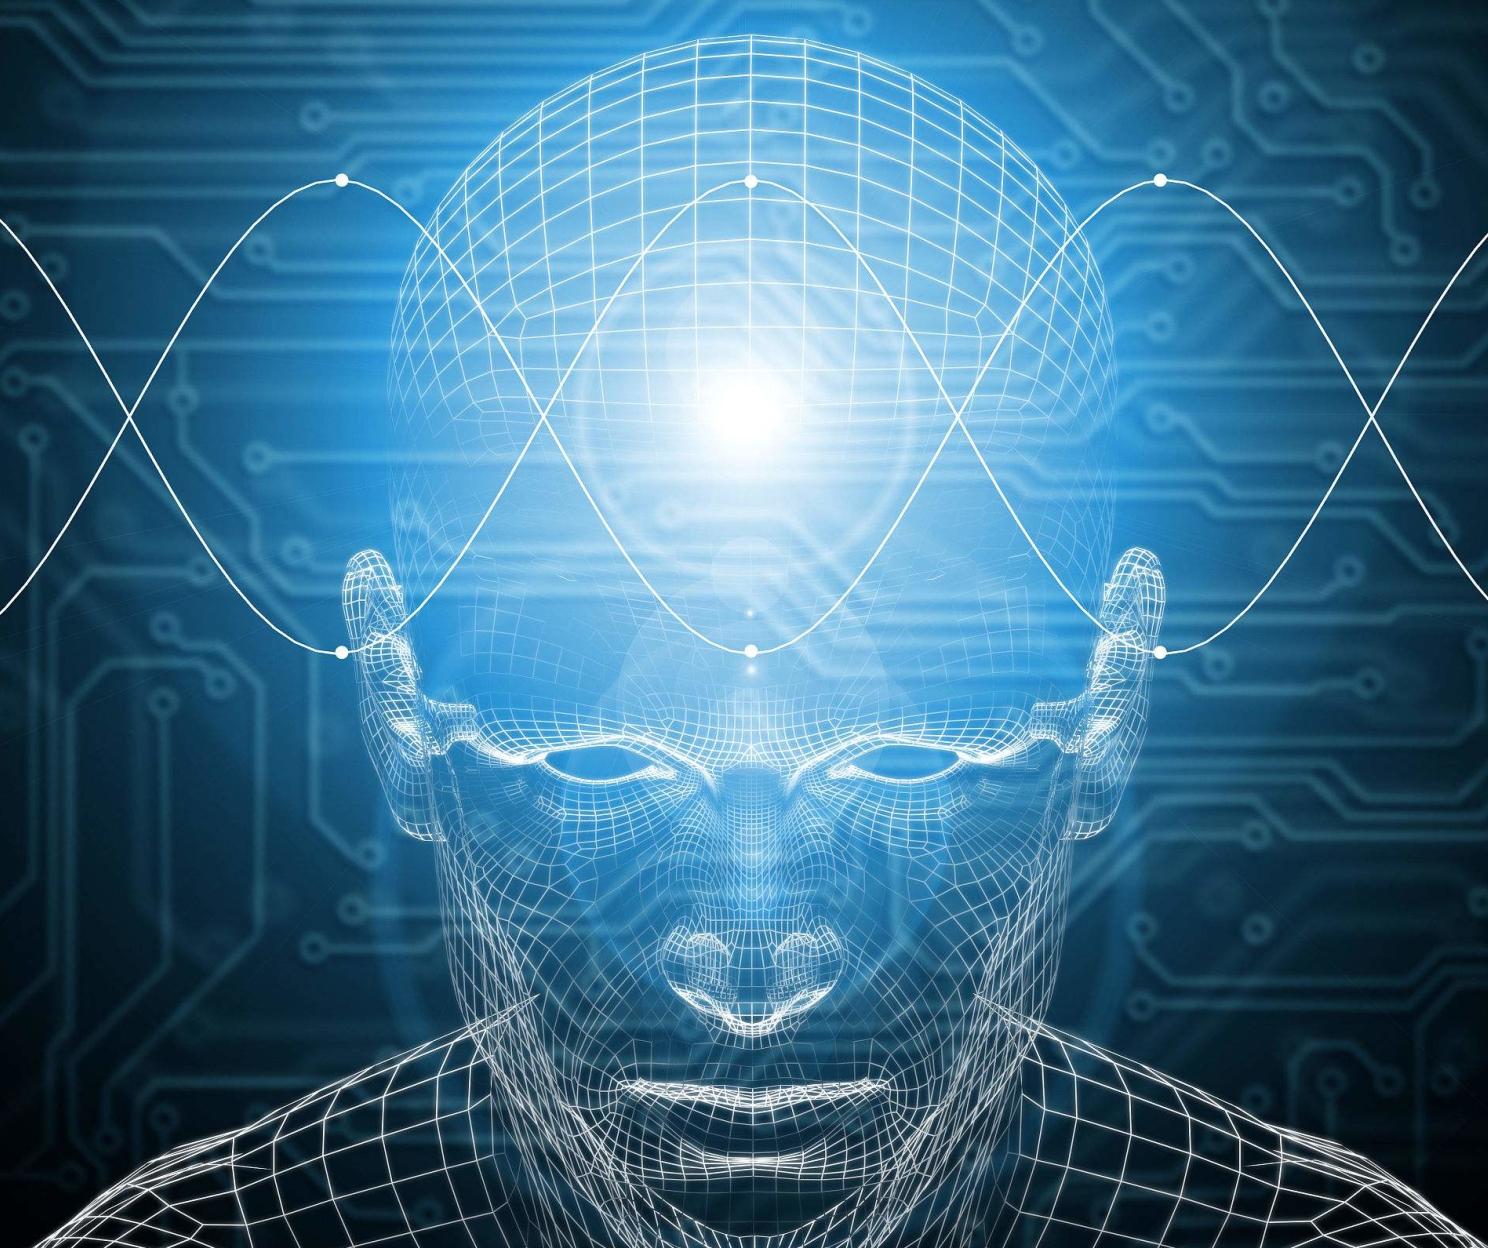 【连载】深度学习笔记4:深度神经网络的正则化